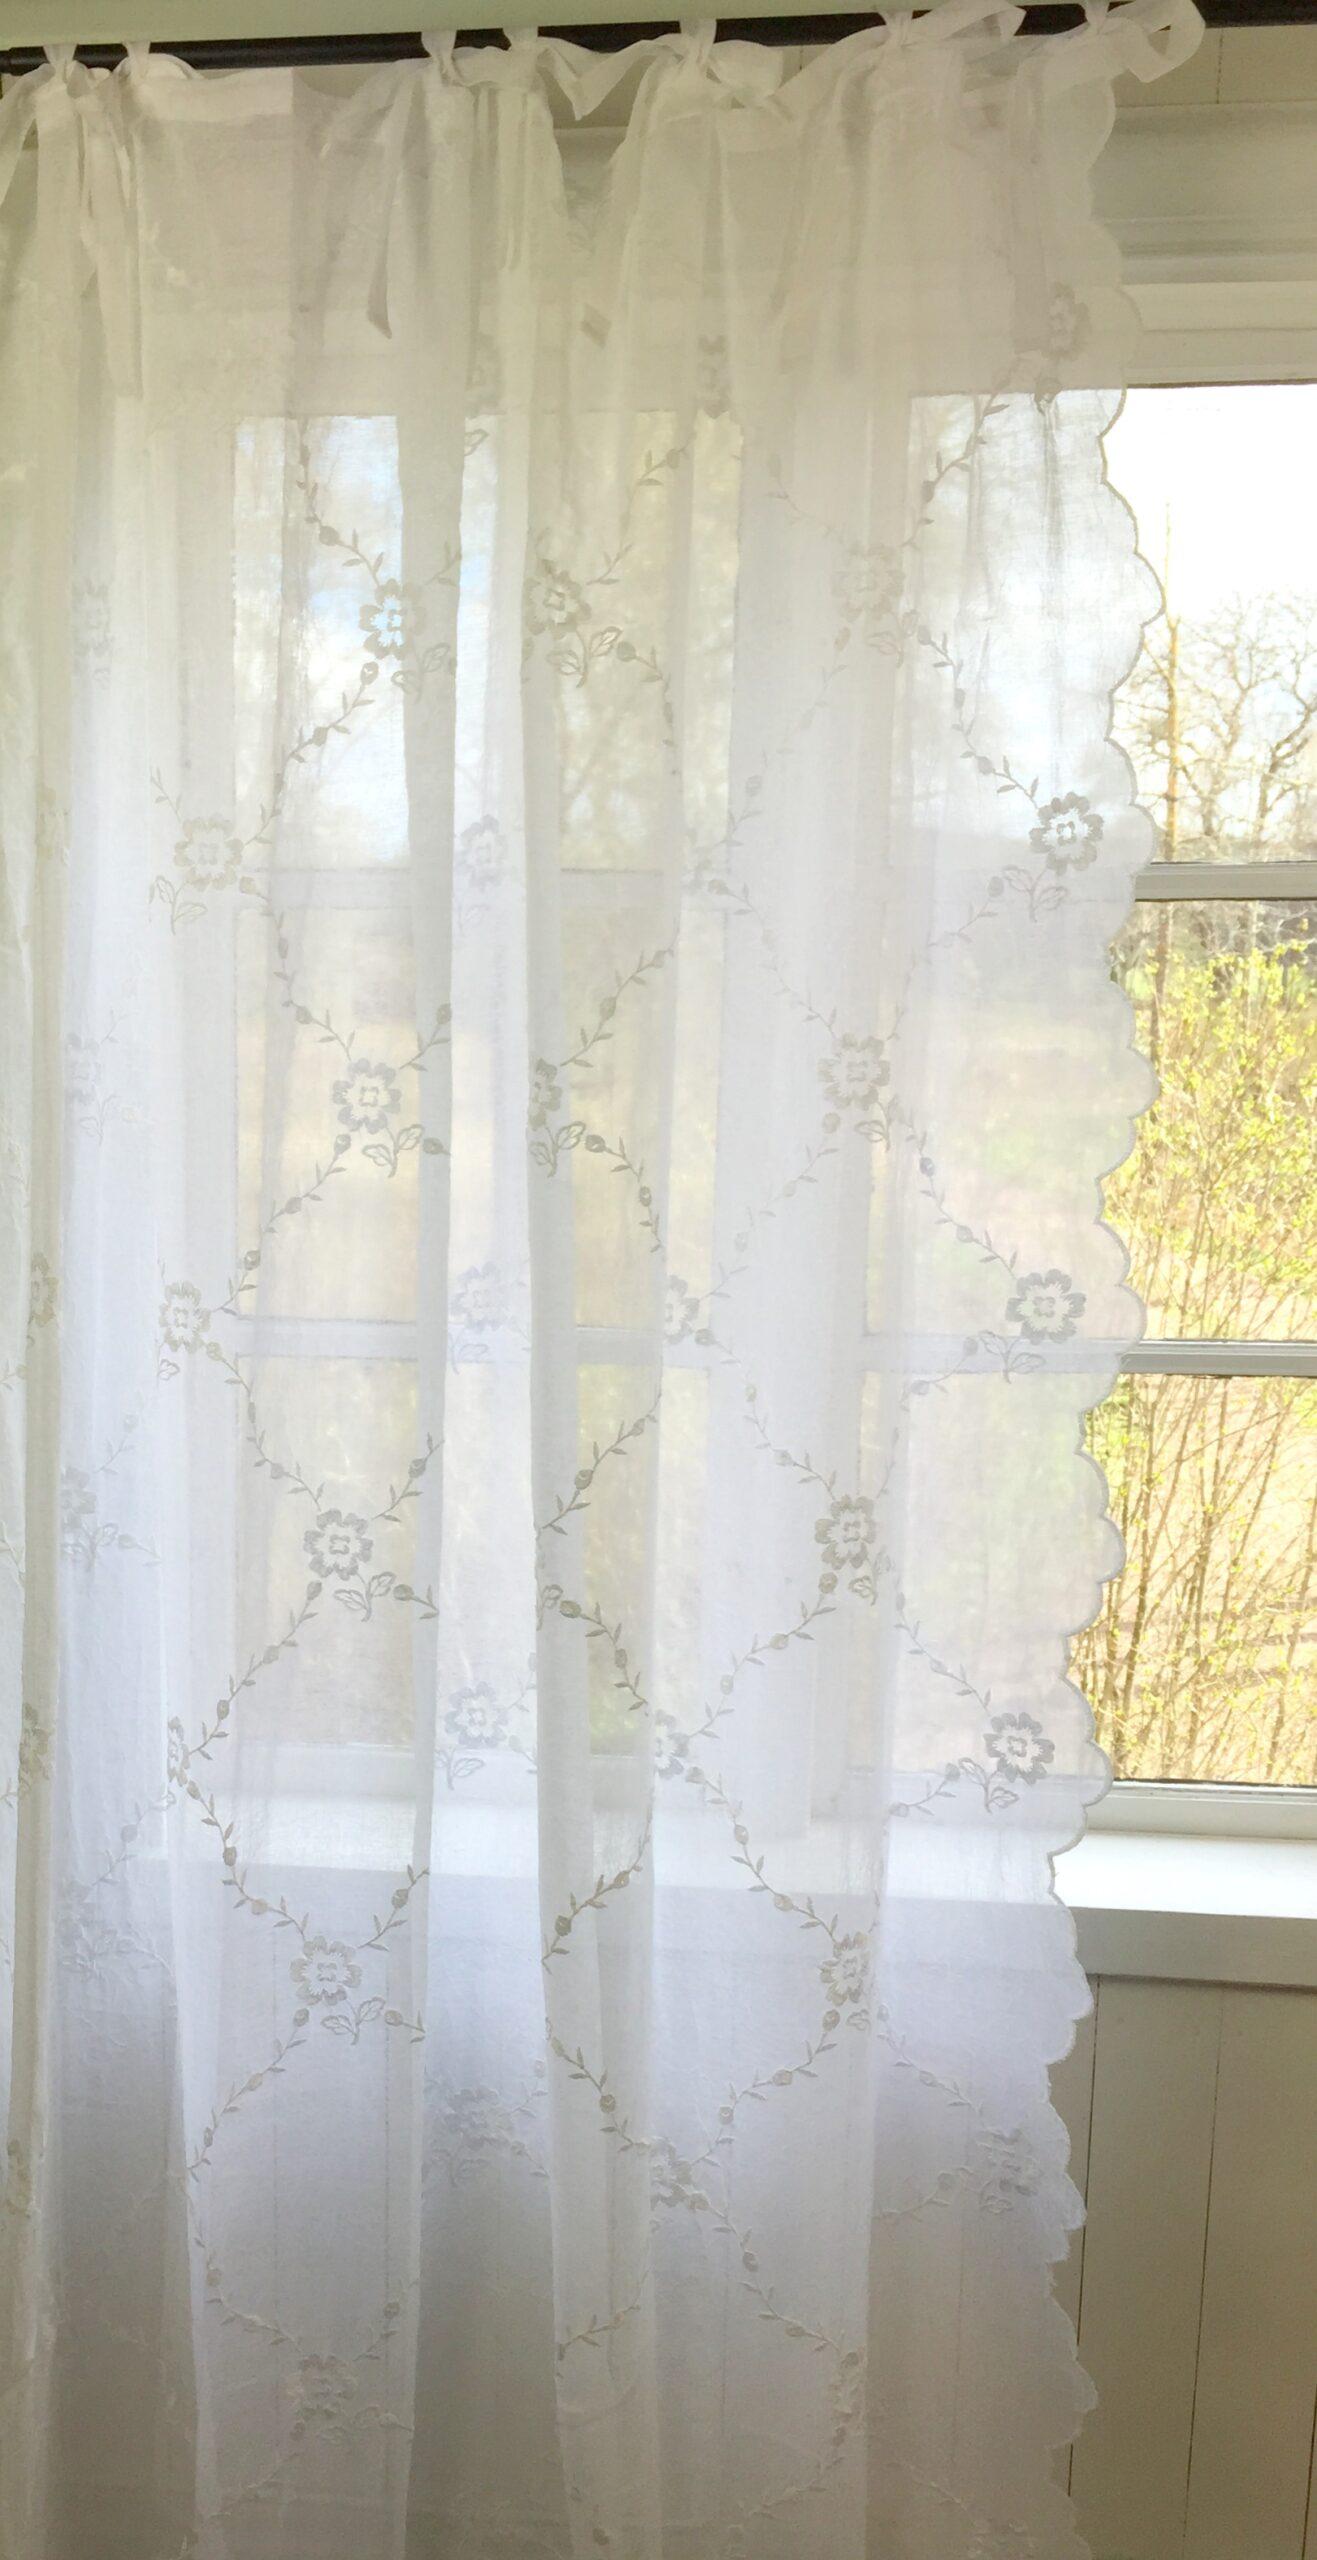 Full Size of Tischlampe Wohnzimmer Indirekte Beleuchtung Gardinen Für Deckenstrahler Großes Bild Deckenleuchten Deckenlampe Hängeschrank Weiß Hochglanz Deckenleuchte Wohnzimmer Scheibengardine Wohnzimmer